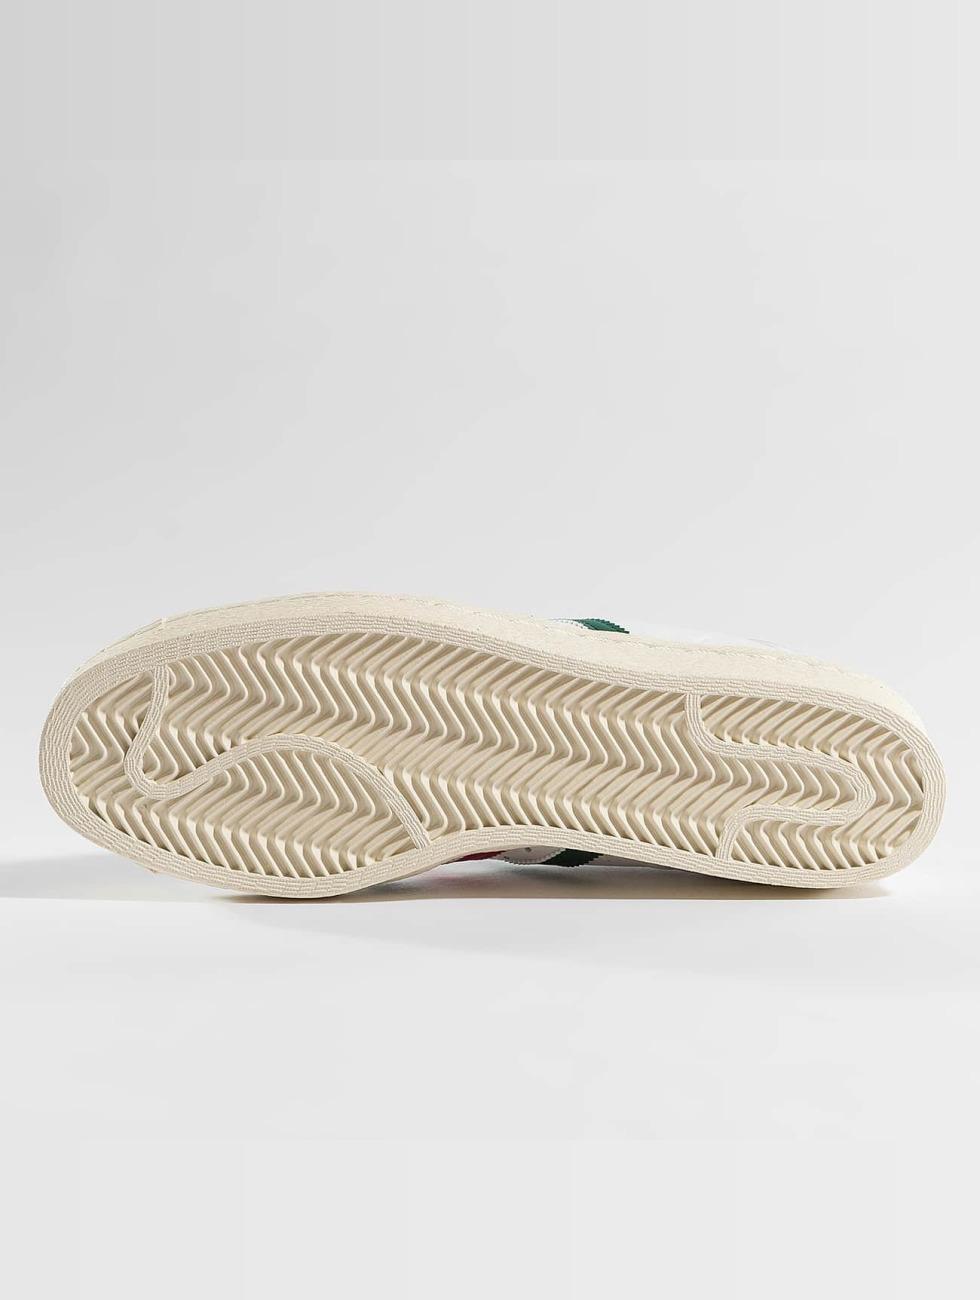 Topkwaliteit Te Koop adidas originals schoen / sneaker Superstar 80s in wit 437242 Keuze Online Te Koop nNYVcx